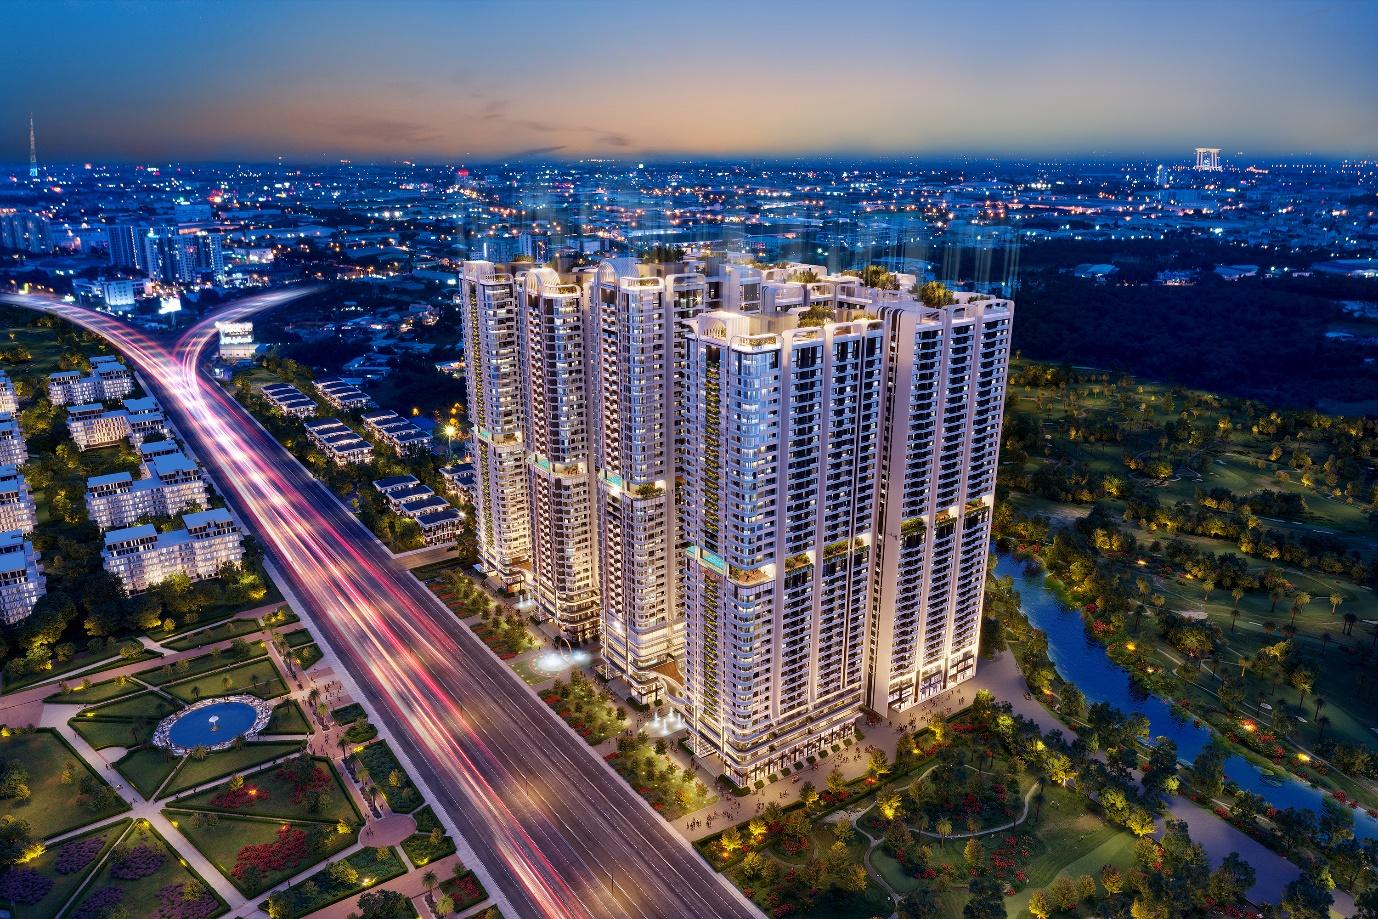 Căn hộ Astral City  Thuận An Bình Dương